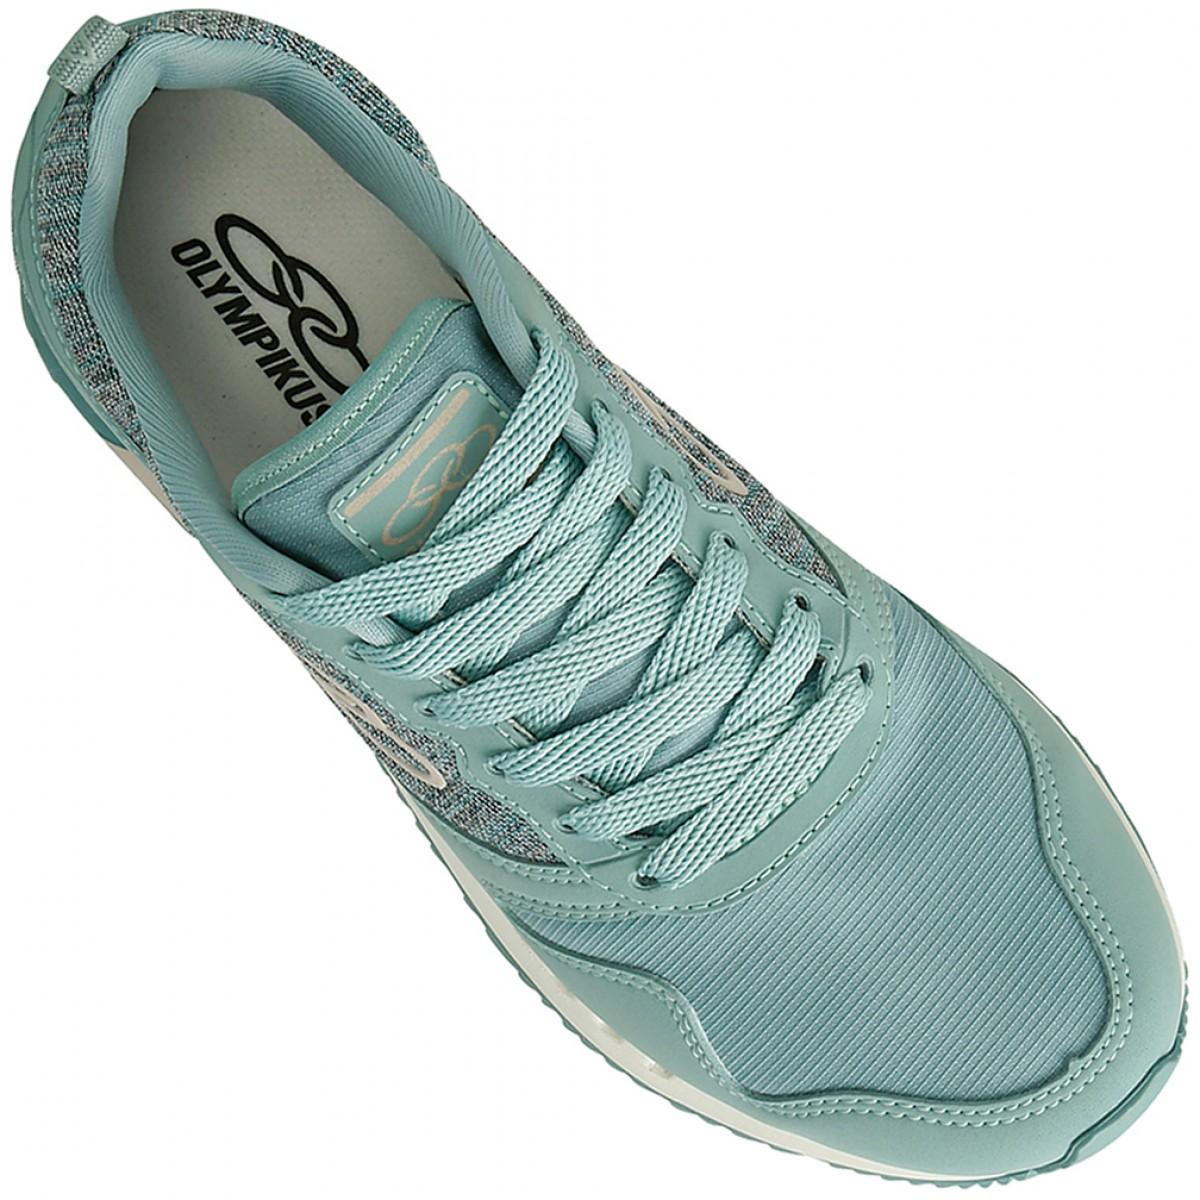 28e8f650c31 Tênis Olympikus Flashback 484 Verde Água Feminino - Compre Agora ...